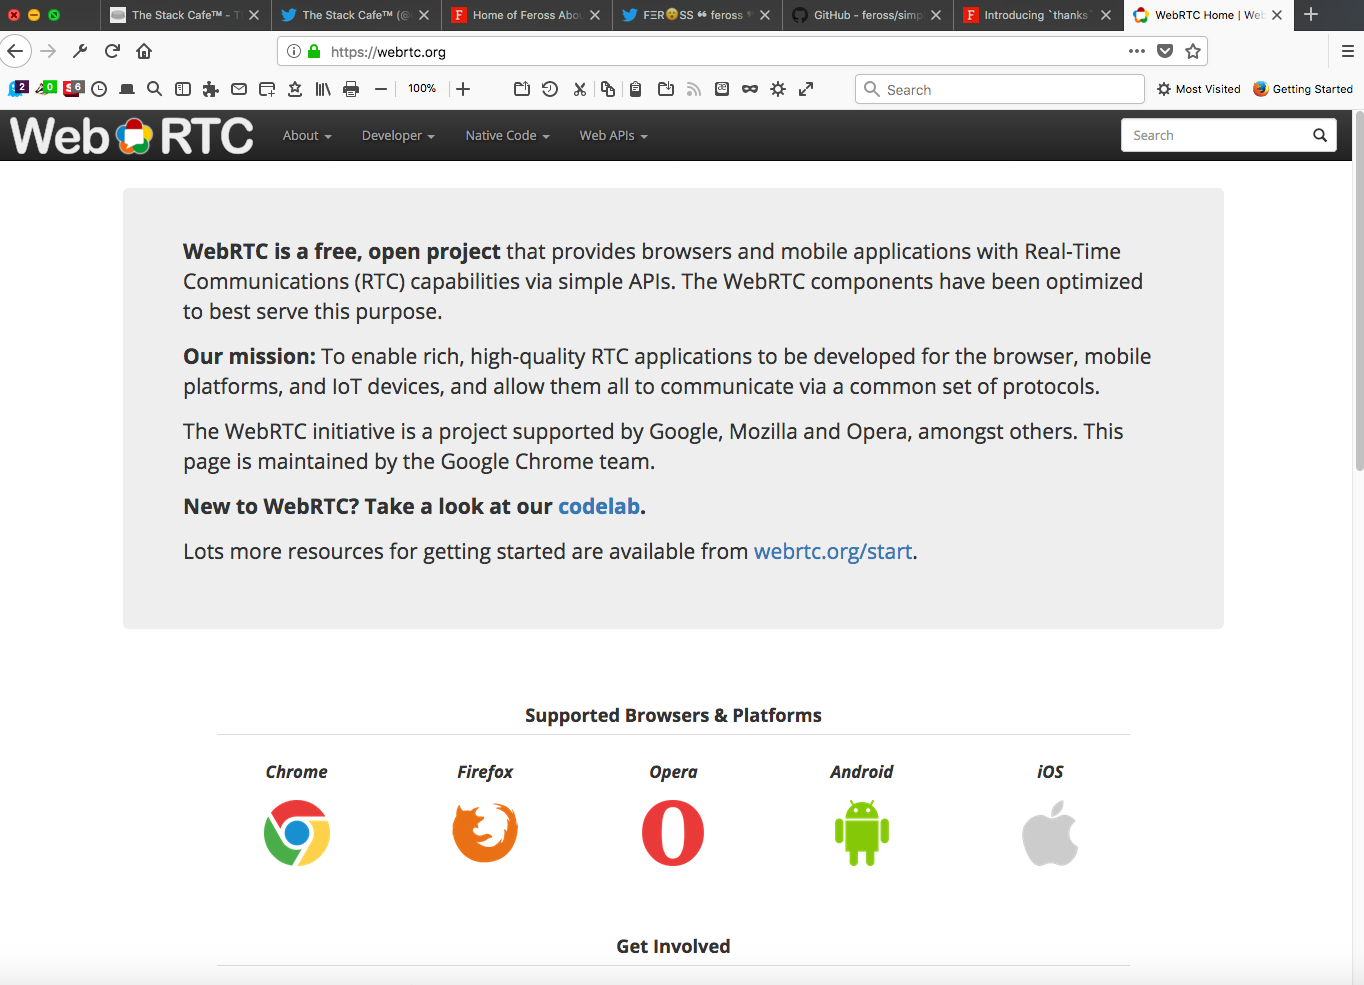 WebRTC - The Stack Cafe™